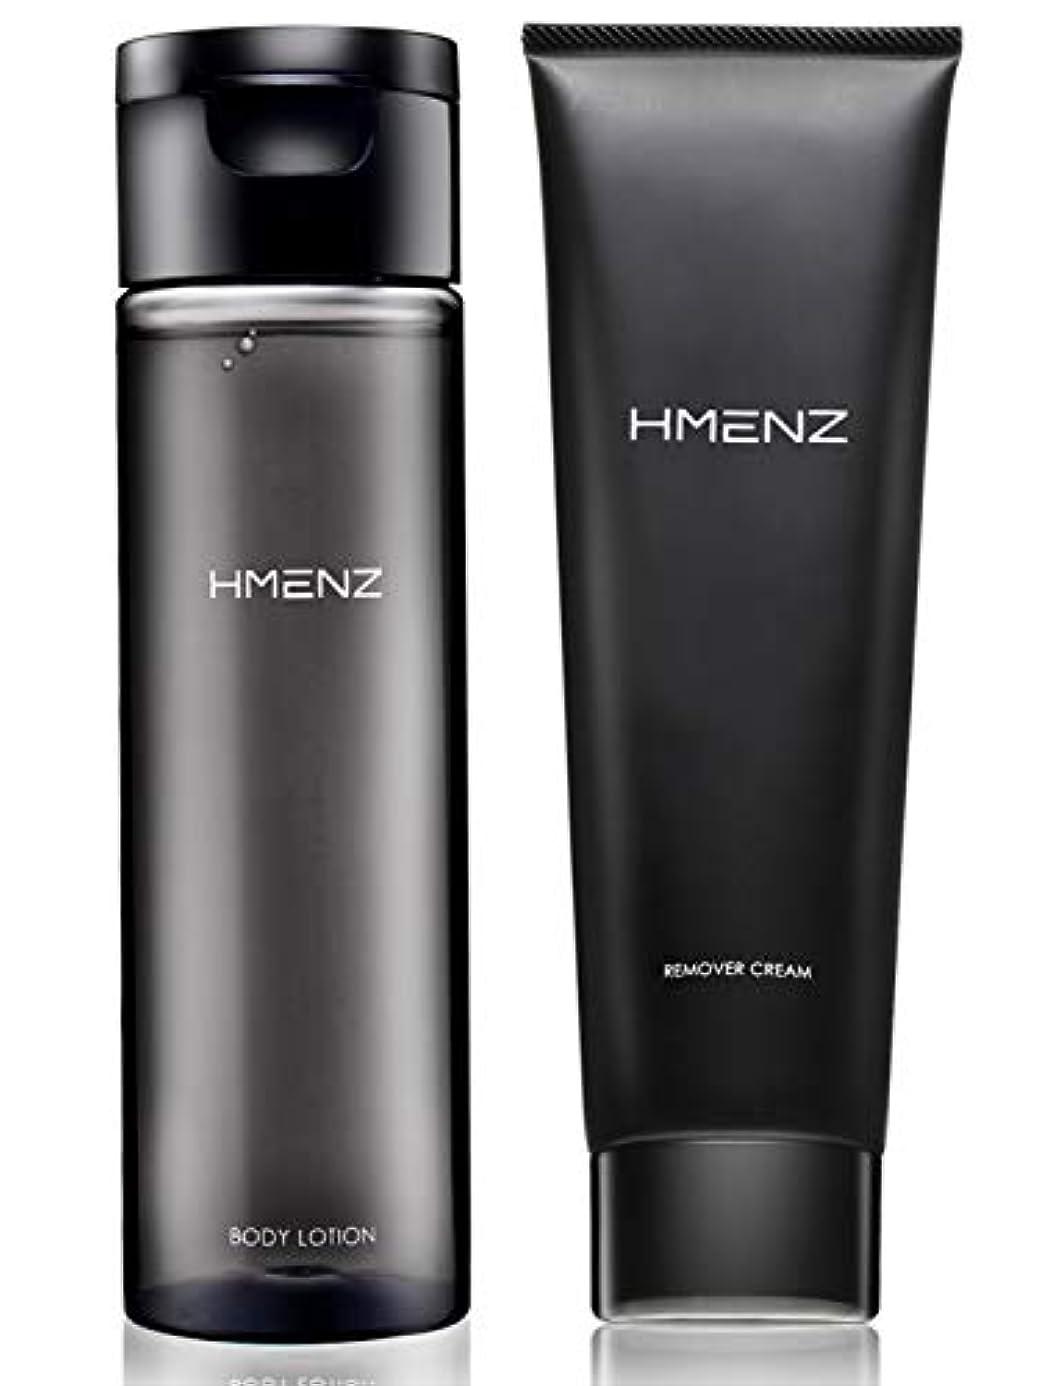 混合した拍手倫理的医薬部外品 HMENZ メンズ 除毛クリーム + アフターシェーブローション 【 パーフェクト 除毛 セット 】 陰部 VIO 使用可能 210g & 250ml